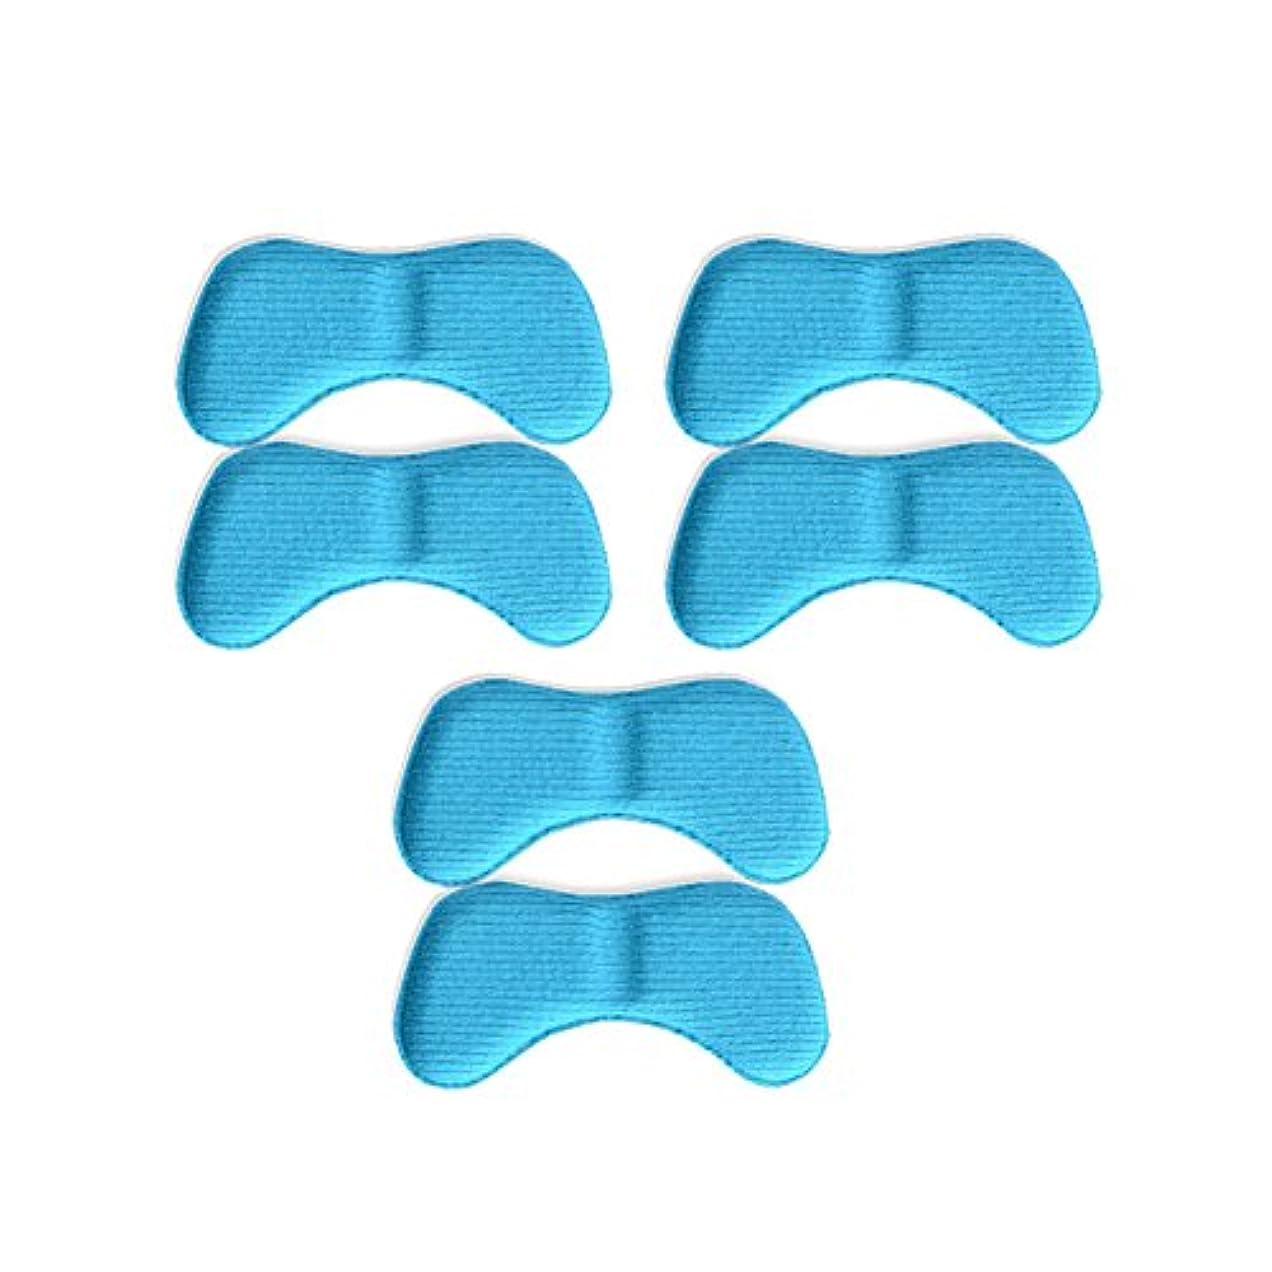 パッチスクラップ段階3ペア蝶の羽の形4 d低反発靴のクッションパッドハイヒールインソール、キャンディーブルー